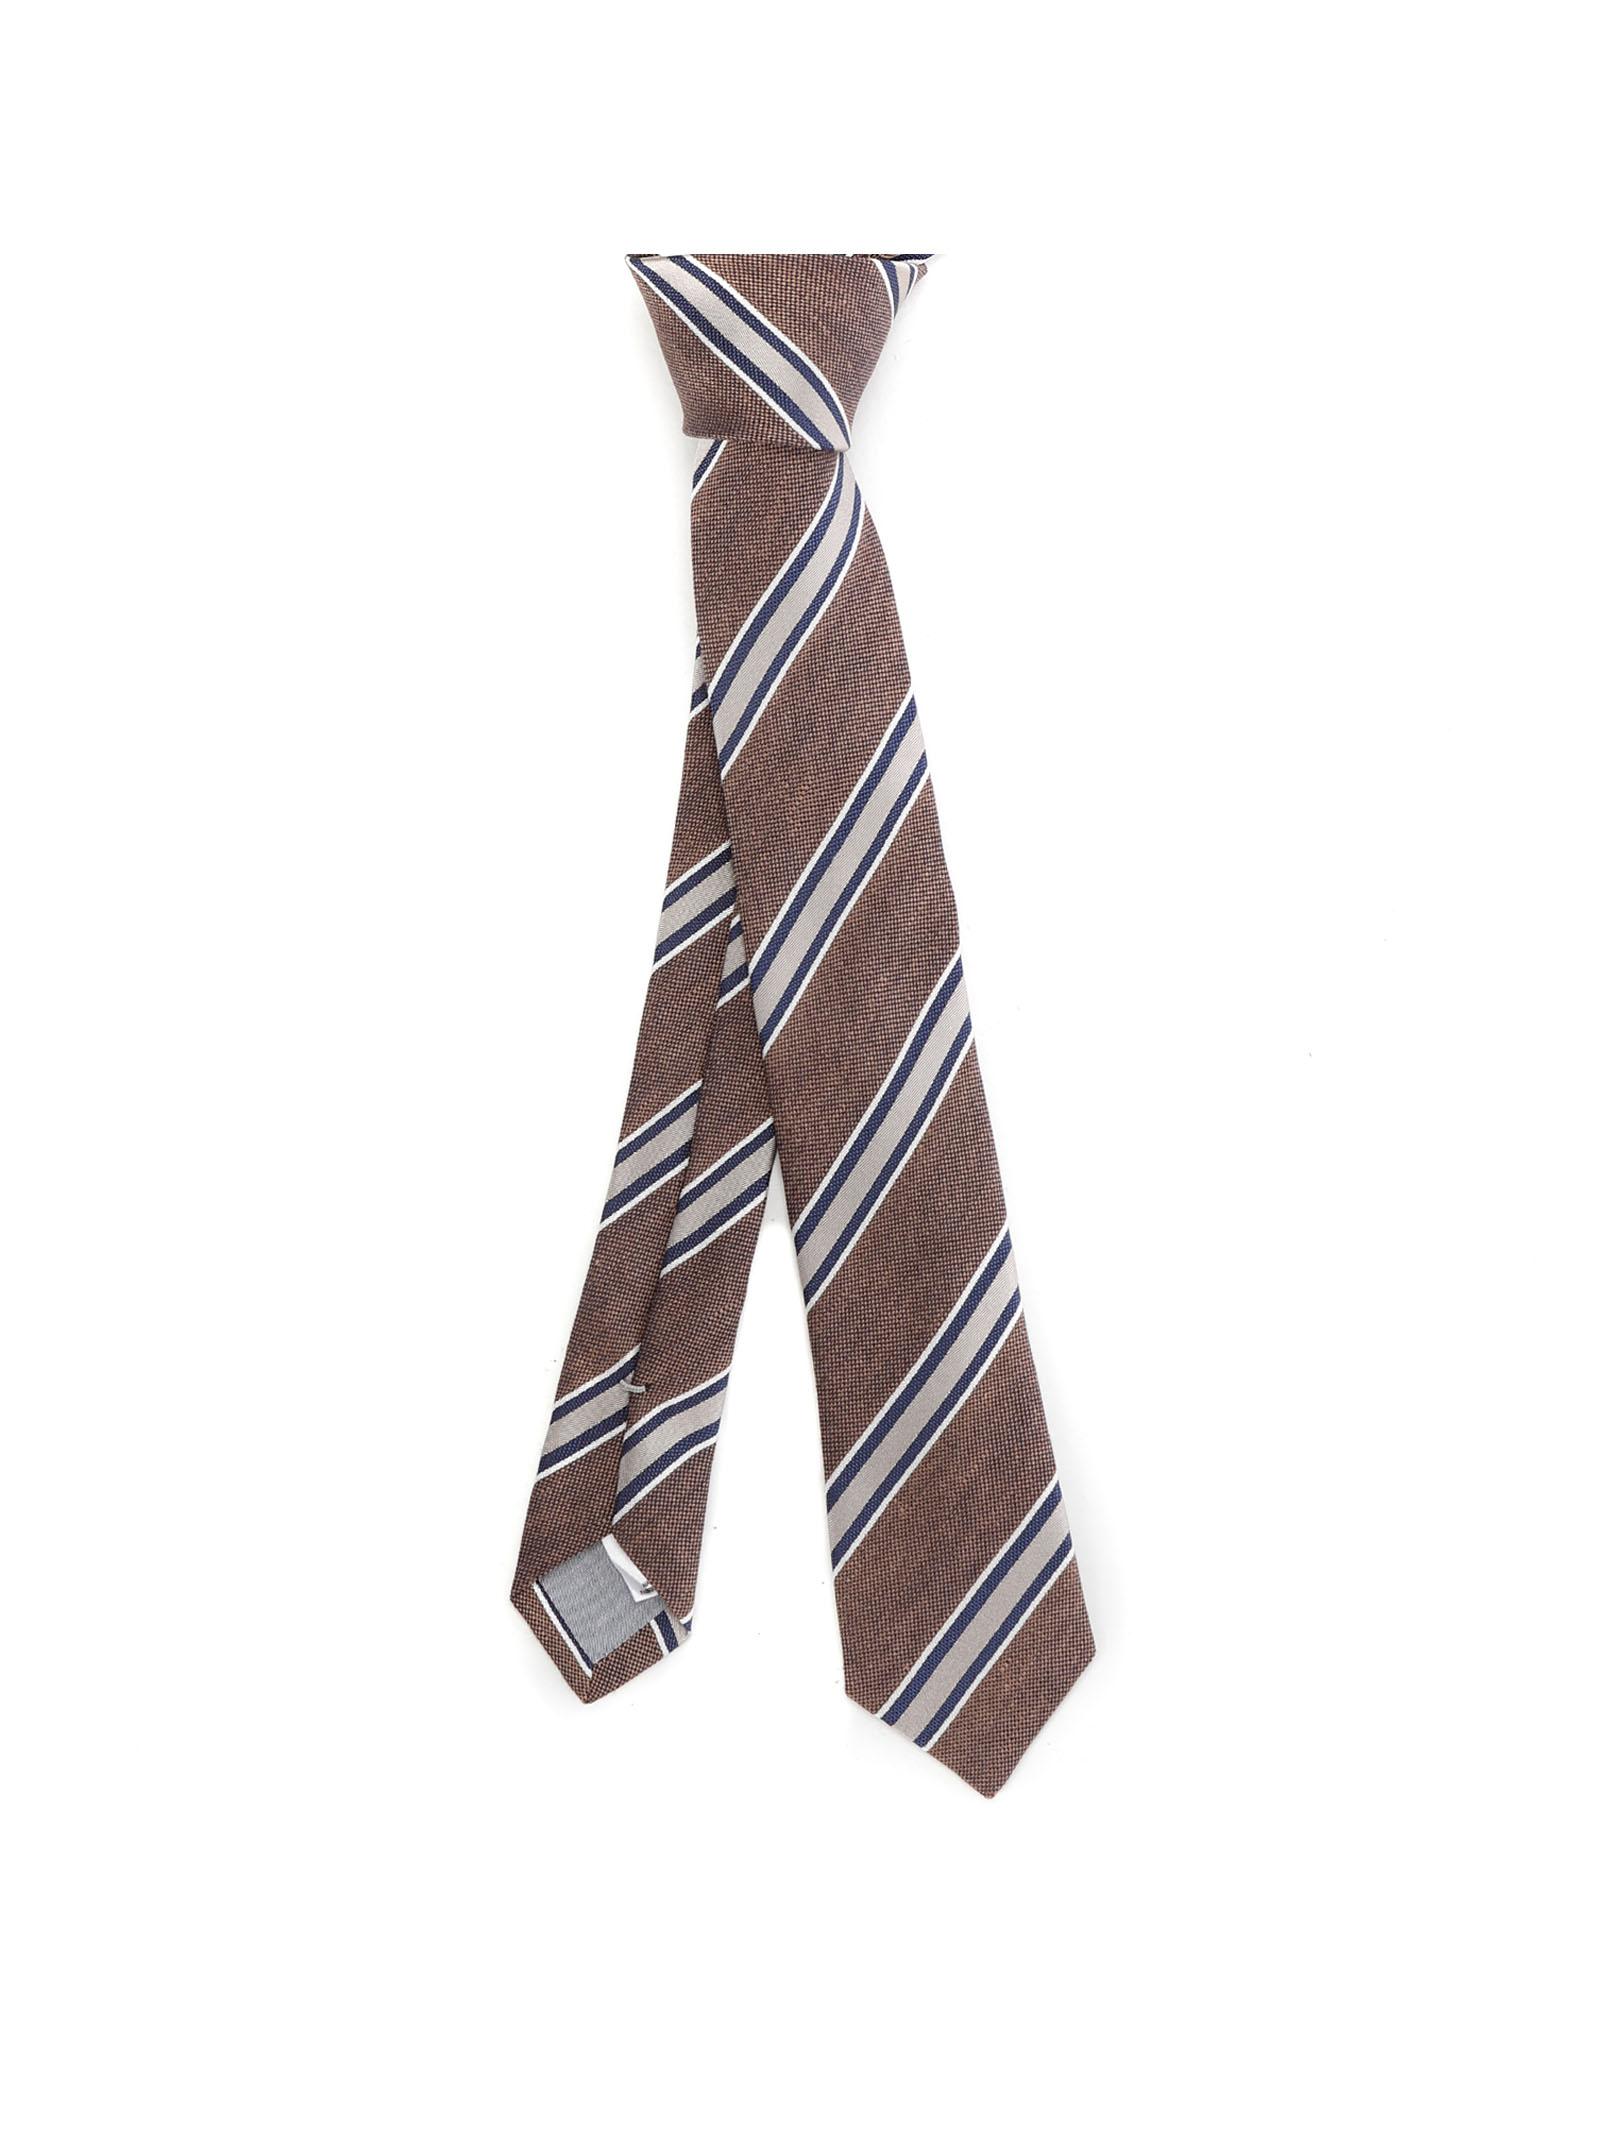 Brown silk and linen diagonal-stripe tie  ELEVENTY |  | C77CRAA01-CRA0C03105